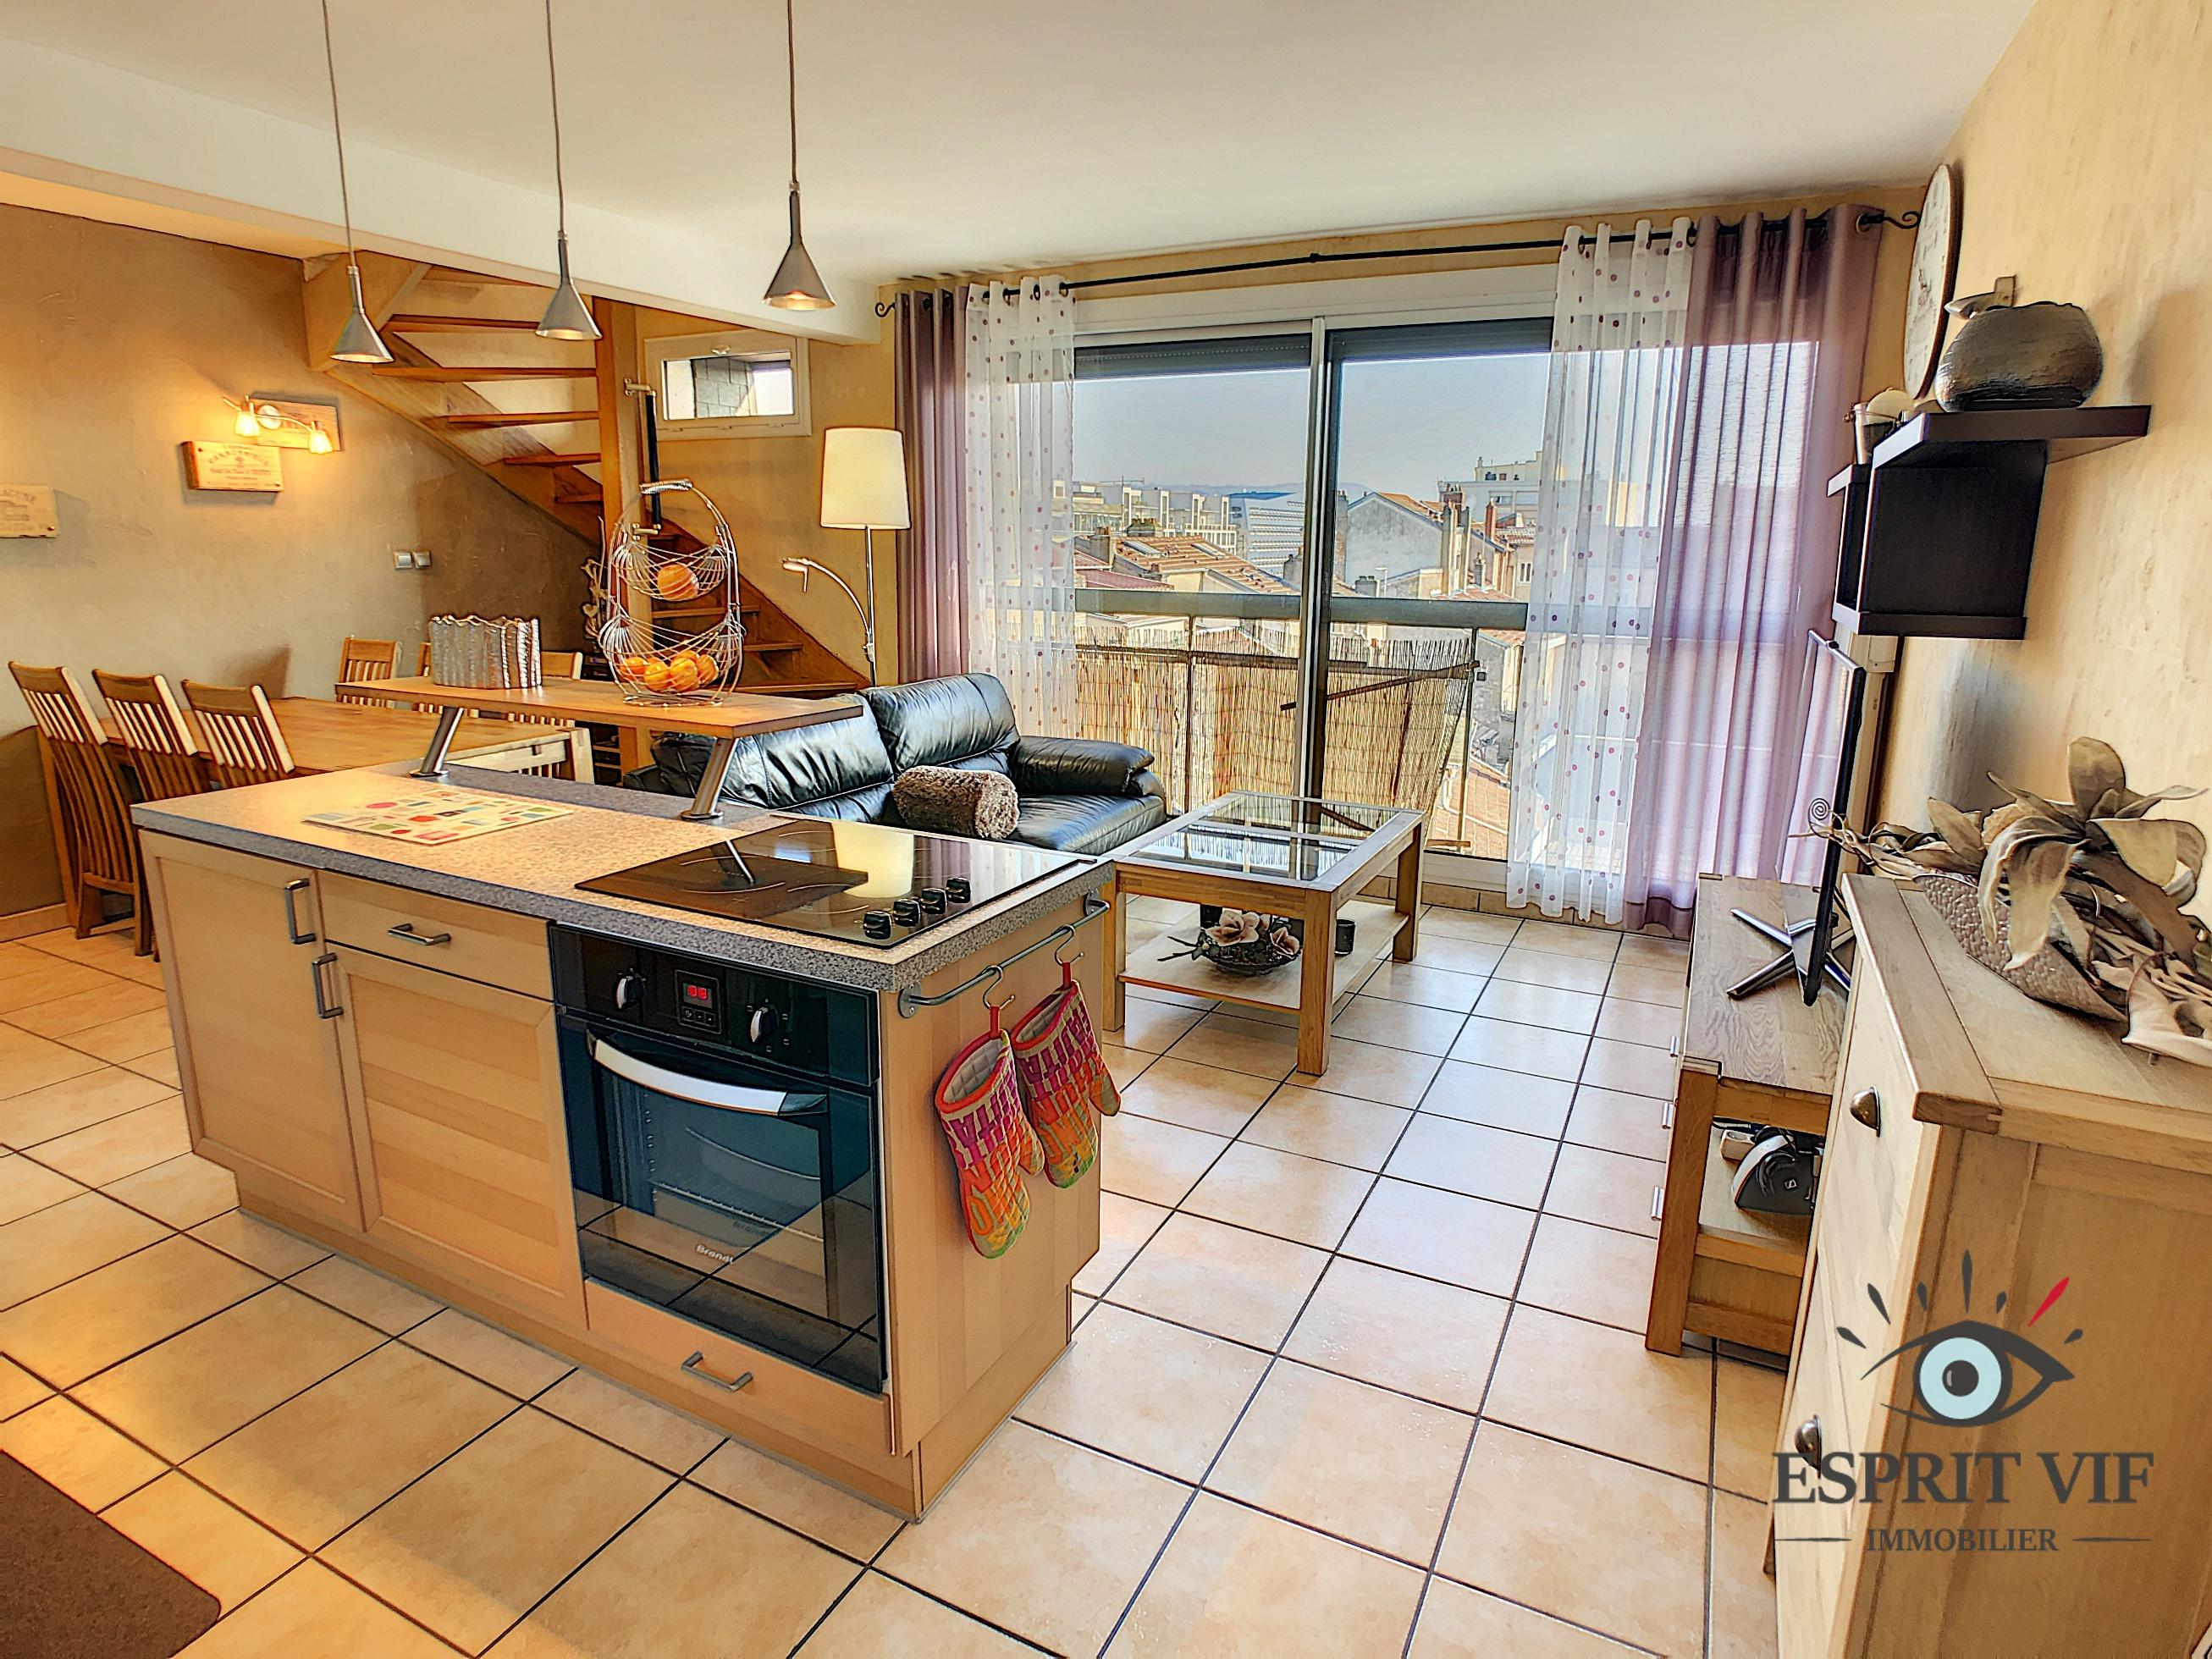 Appartement – charmant duplex + parking – Nancy